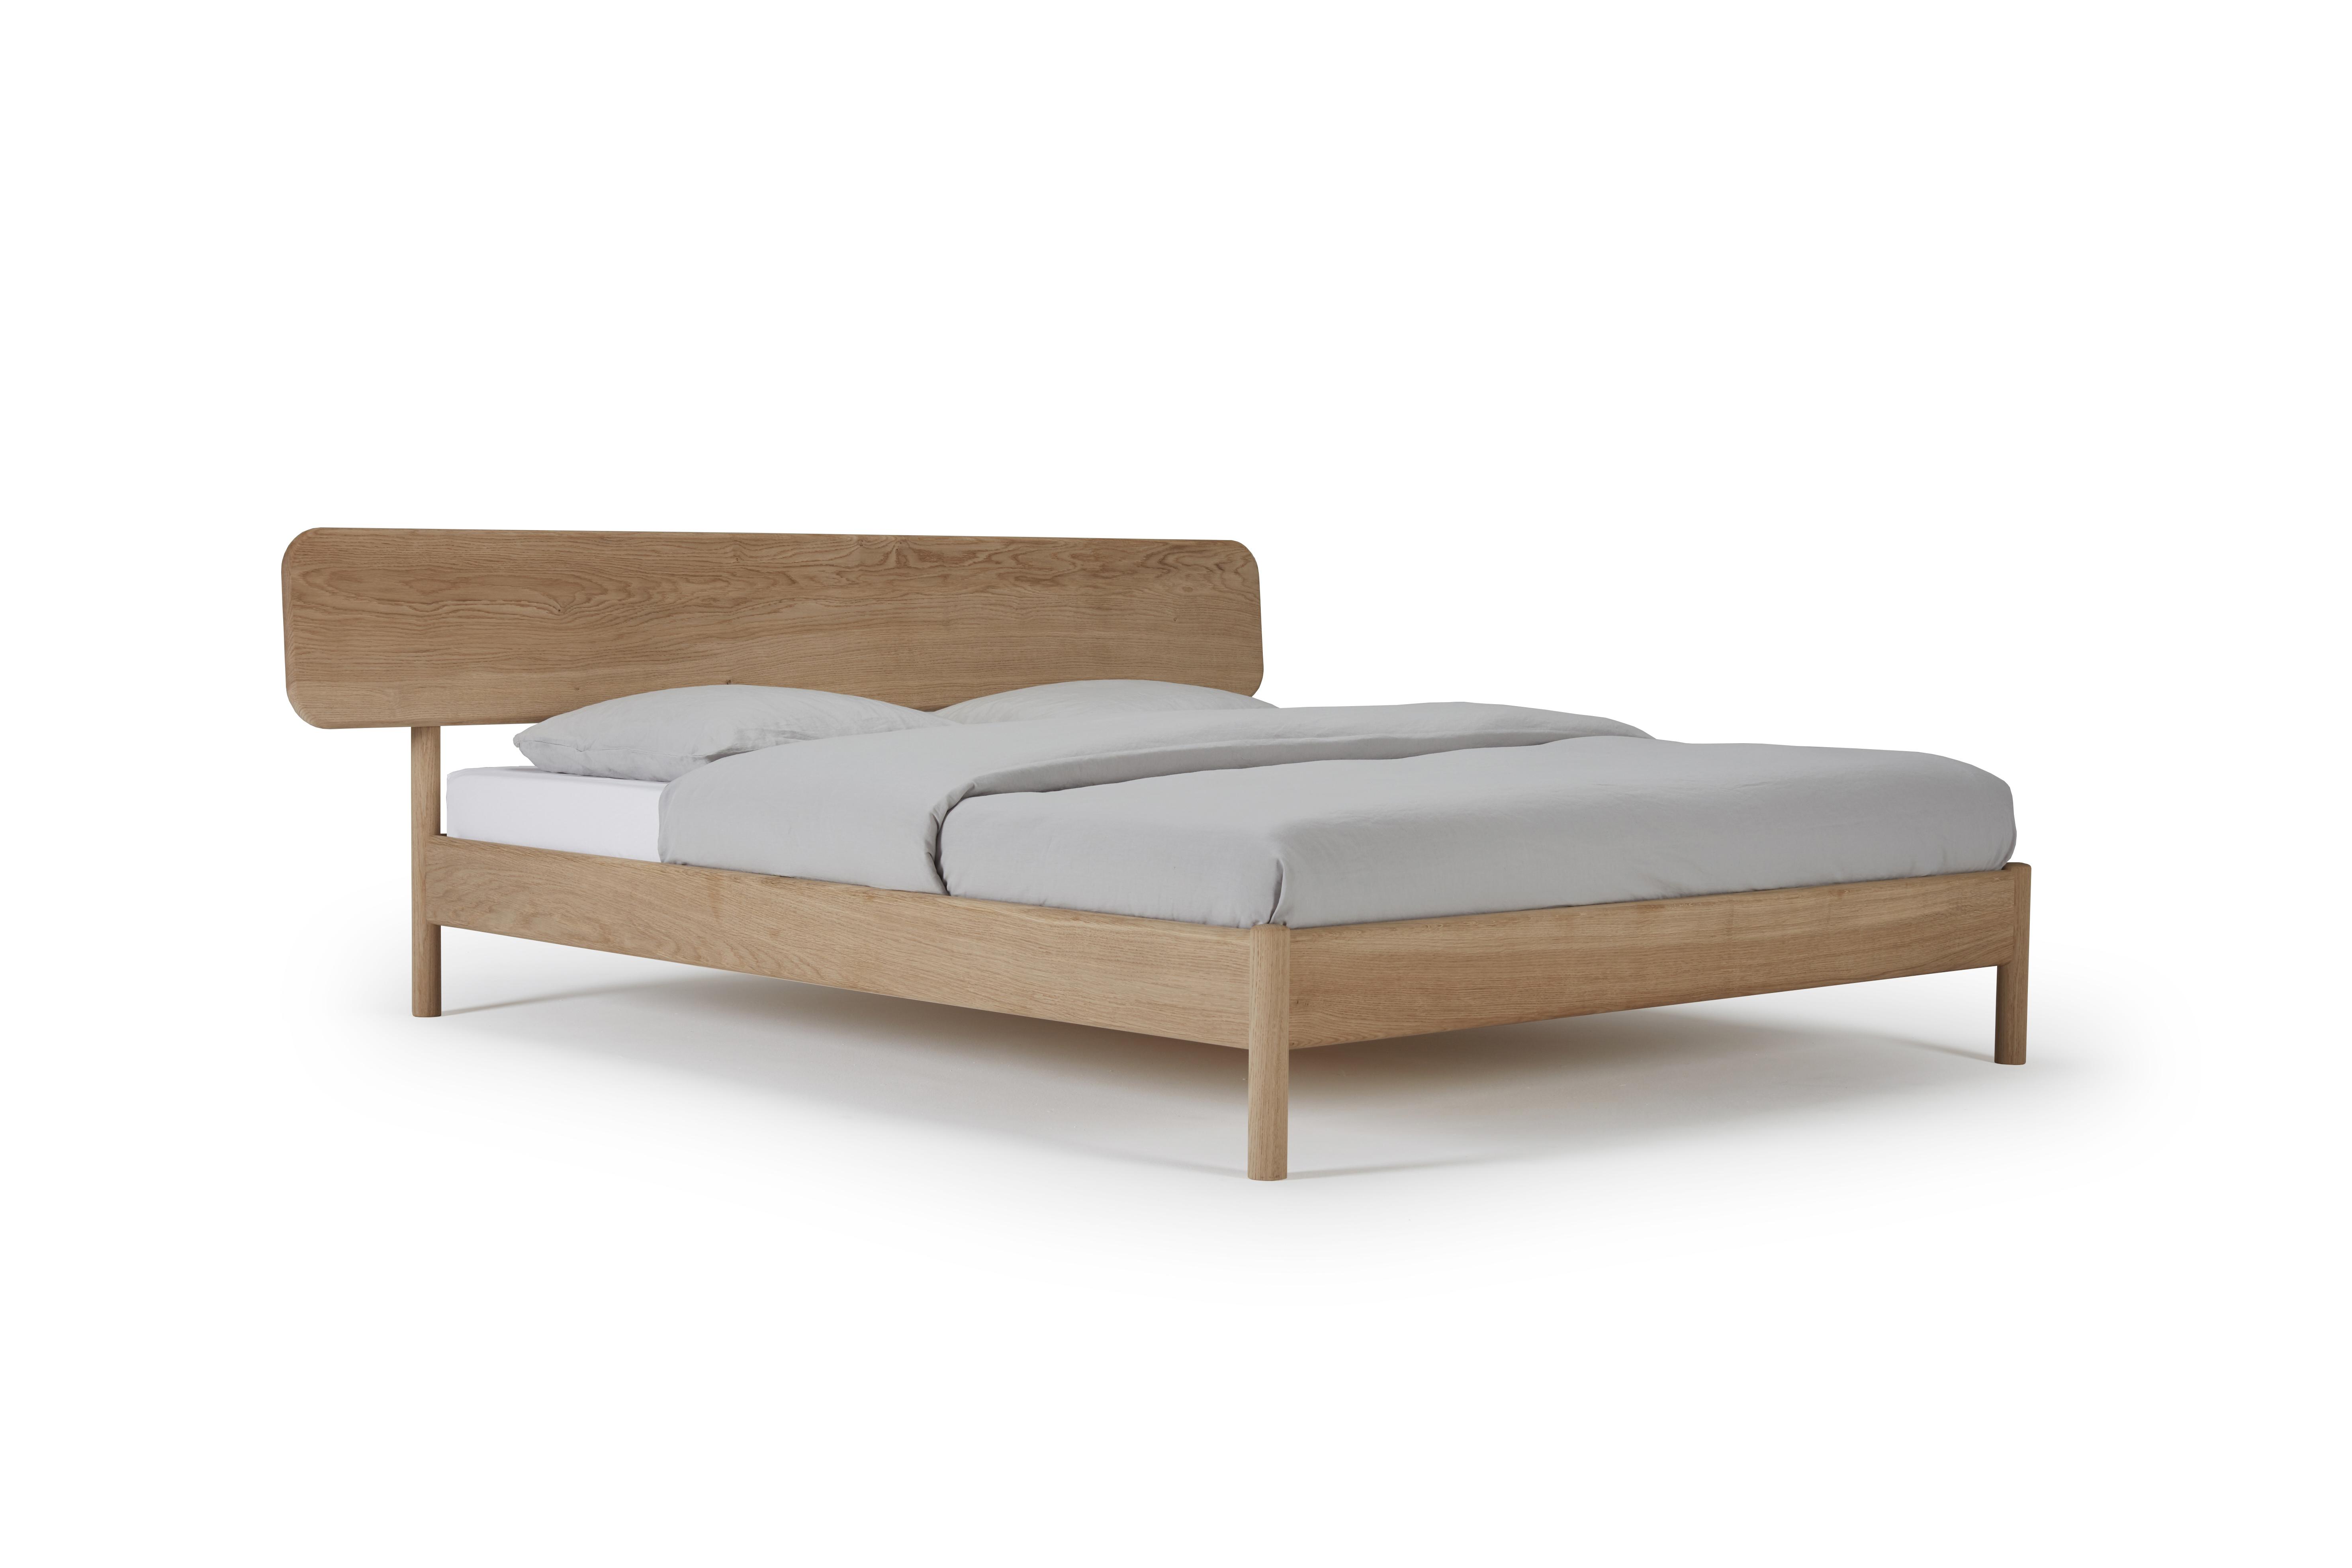 Alvorlig Re - Alken seng m 14cm madras (Pris på 180x200) (Se alle AE08